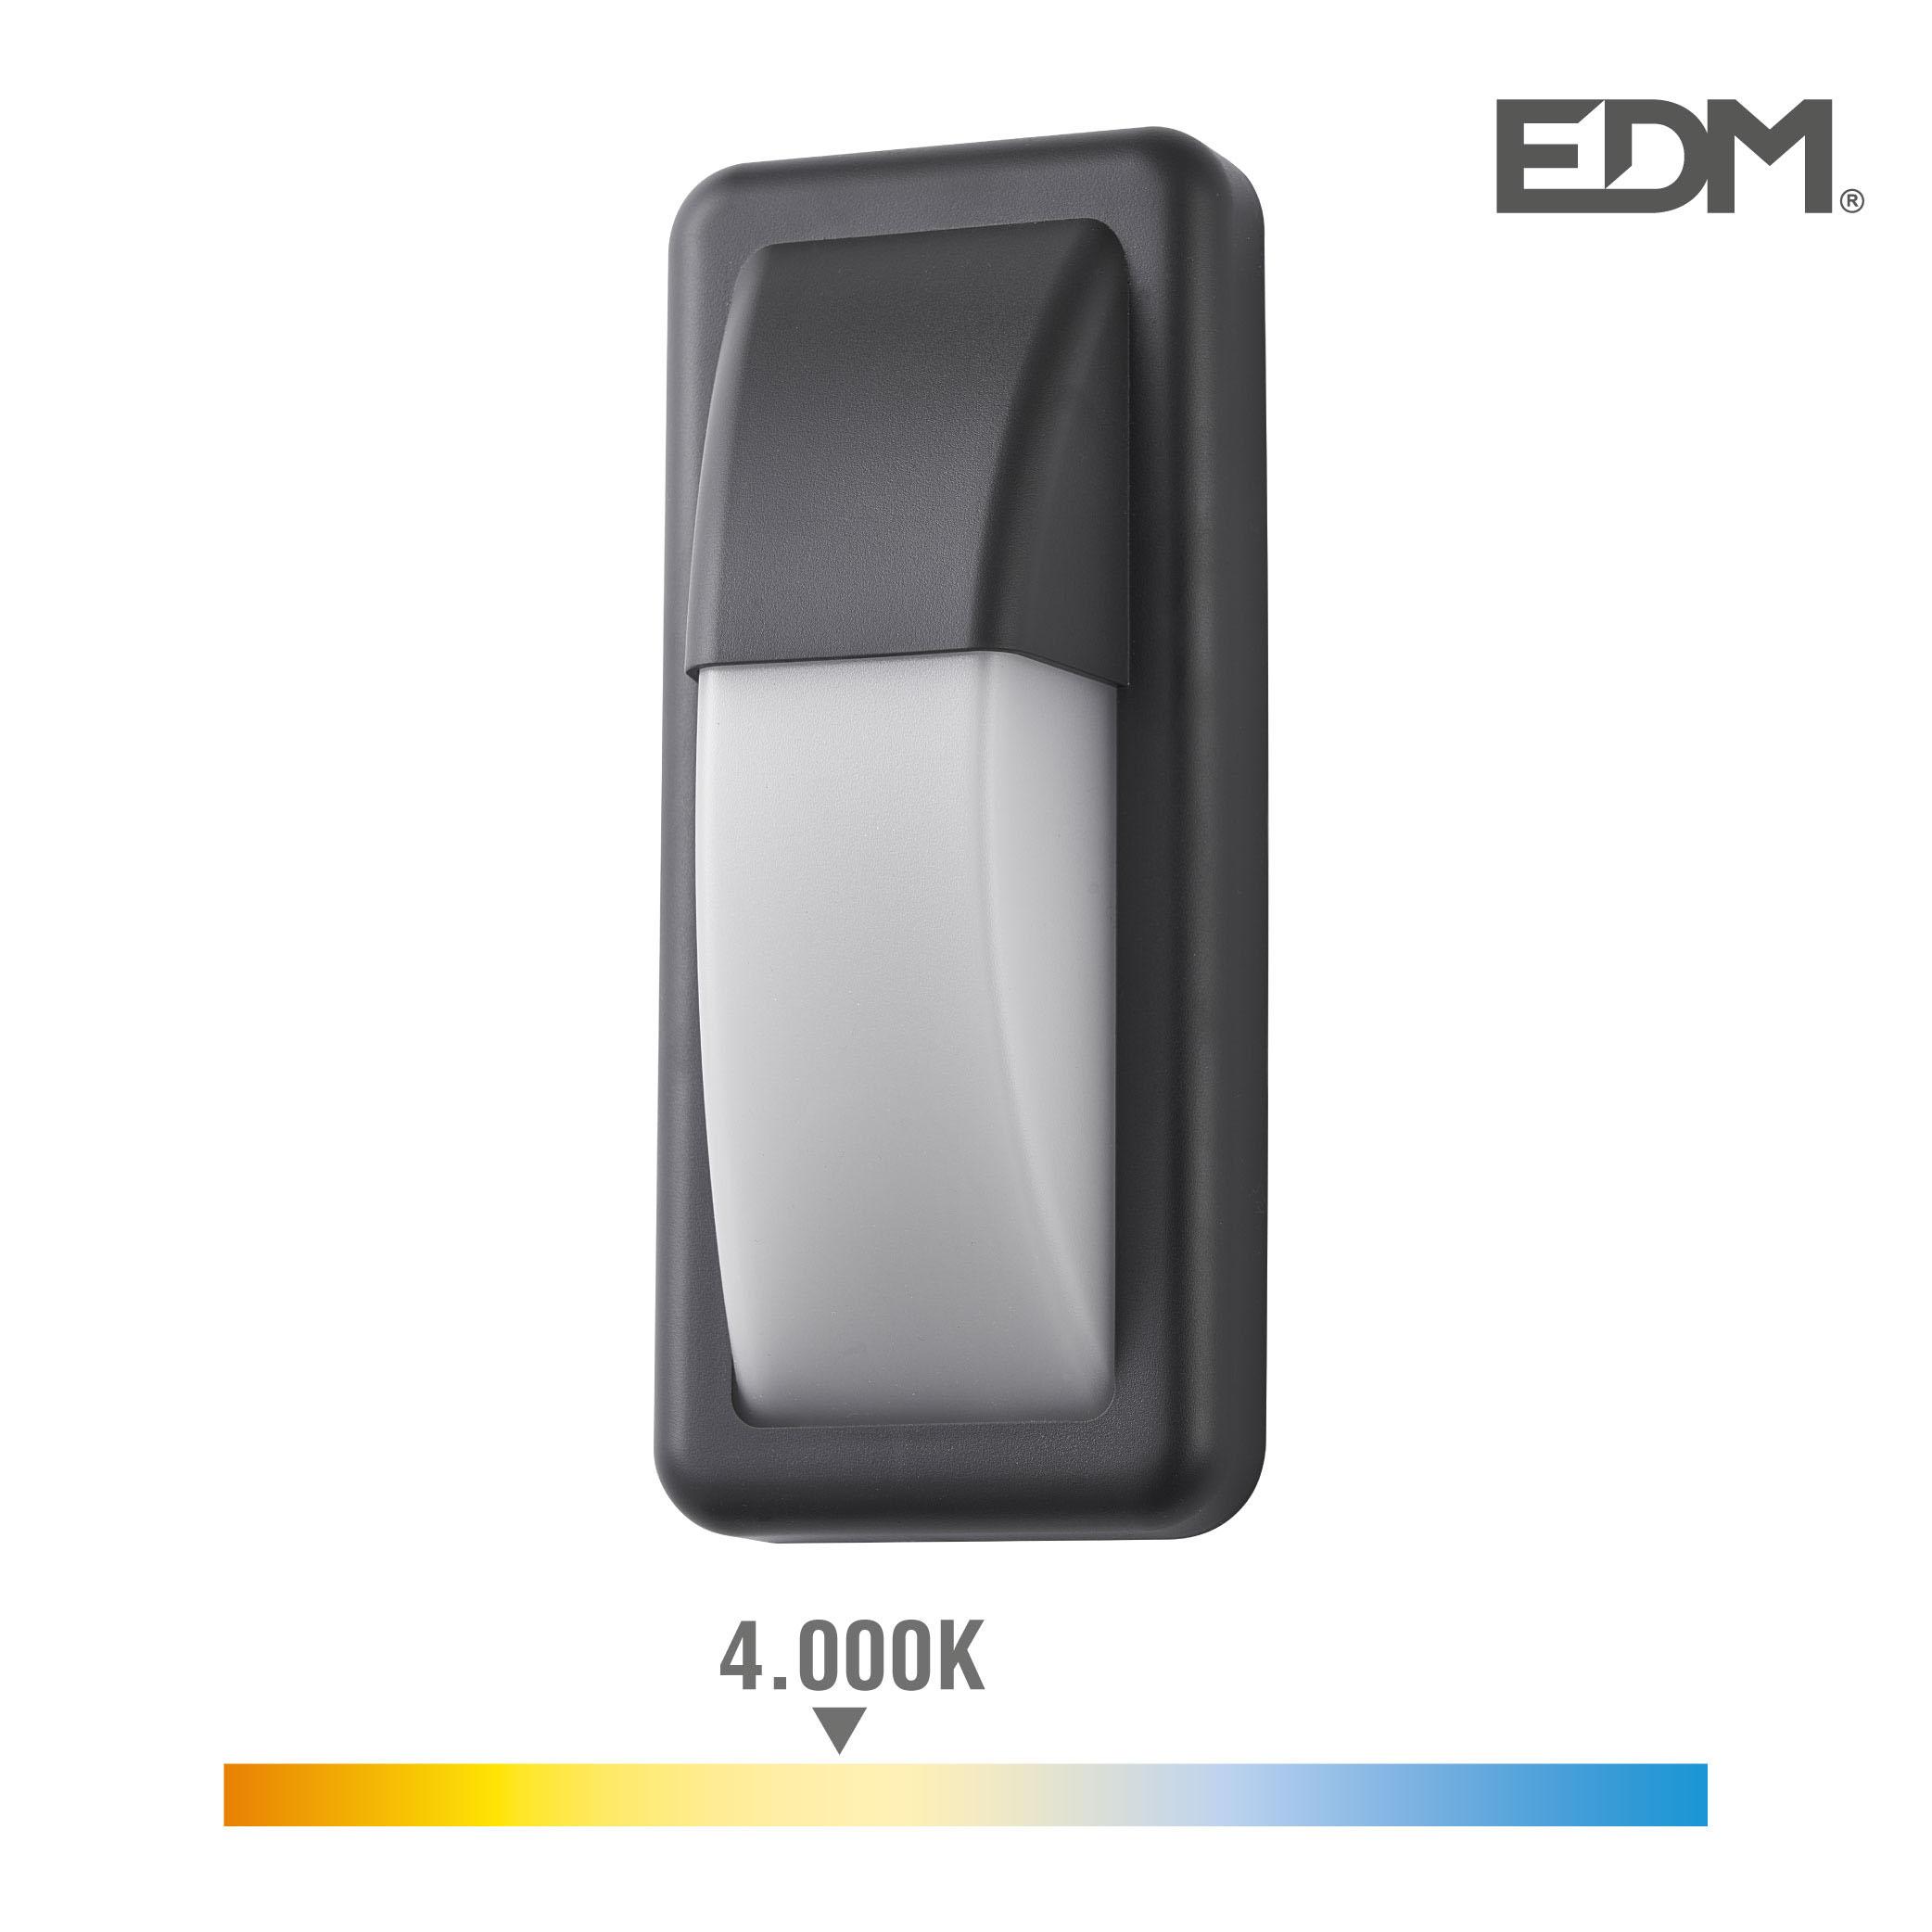 Aplique led 6w 200 lumen 4.000k luz dia ip65 rectangular vertical edm